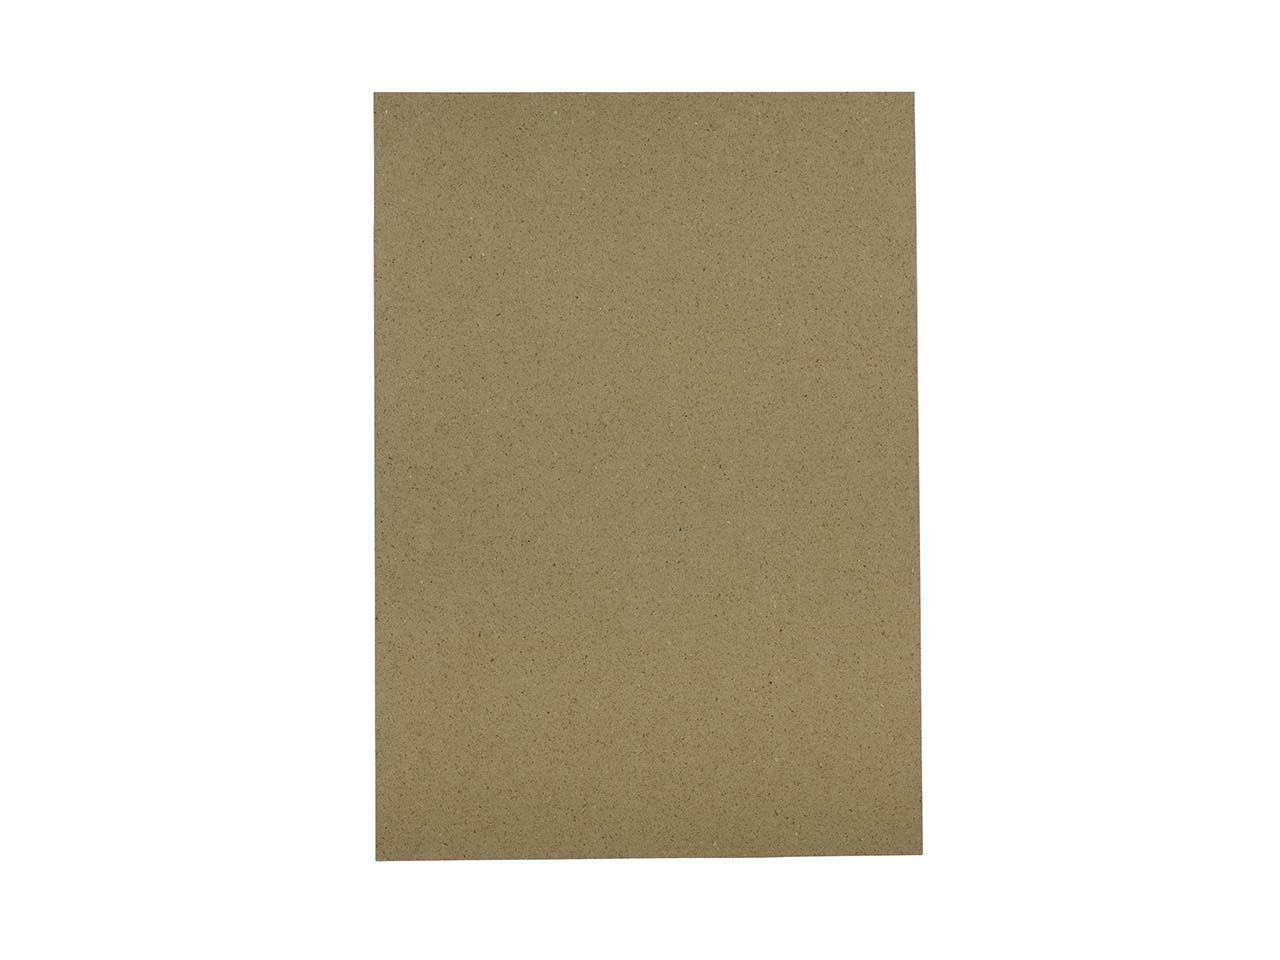 100 Blatt Briefpapier aus Graspapier, DIN A4, 100 g/m² 99AN003